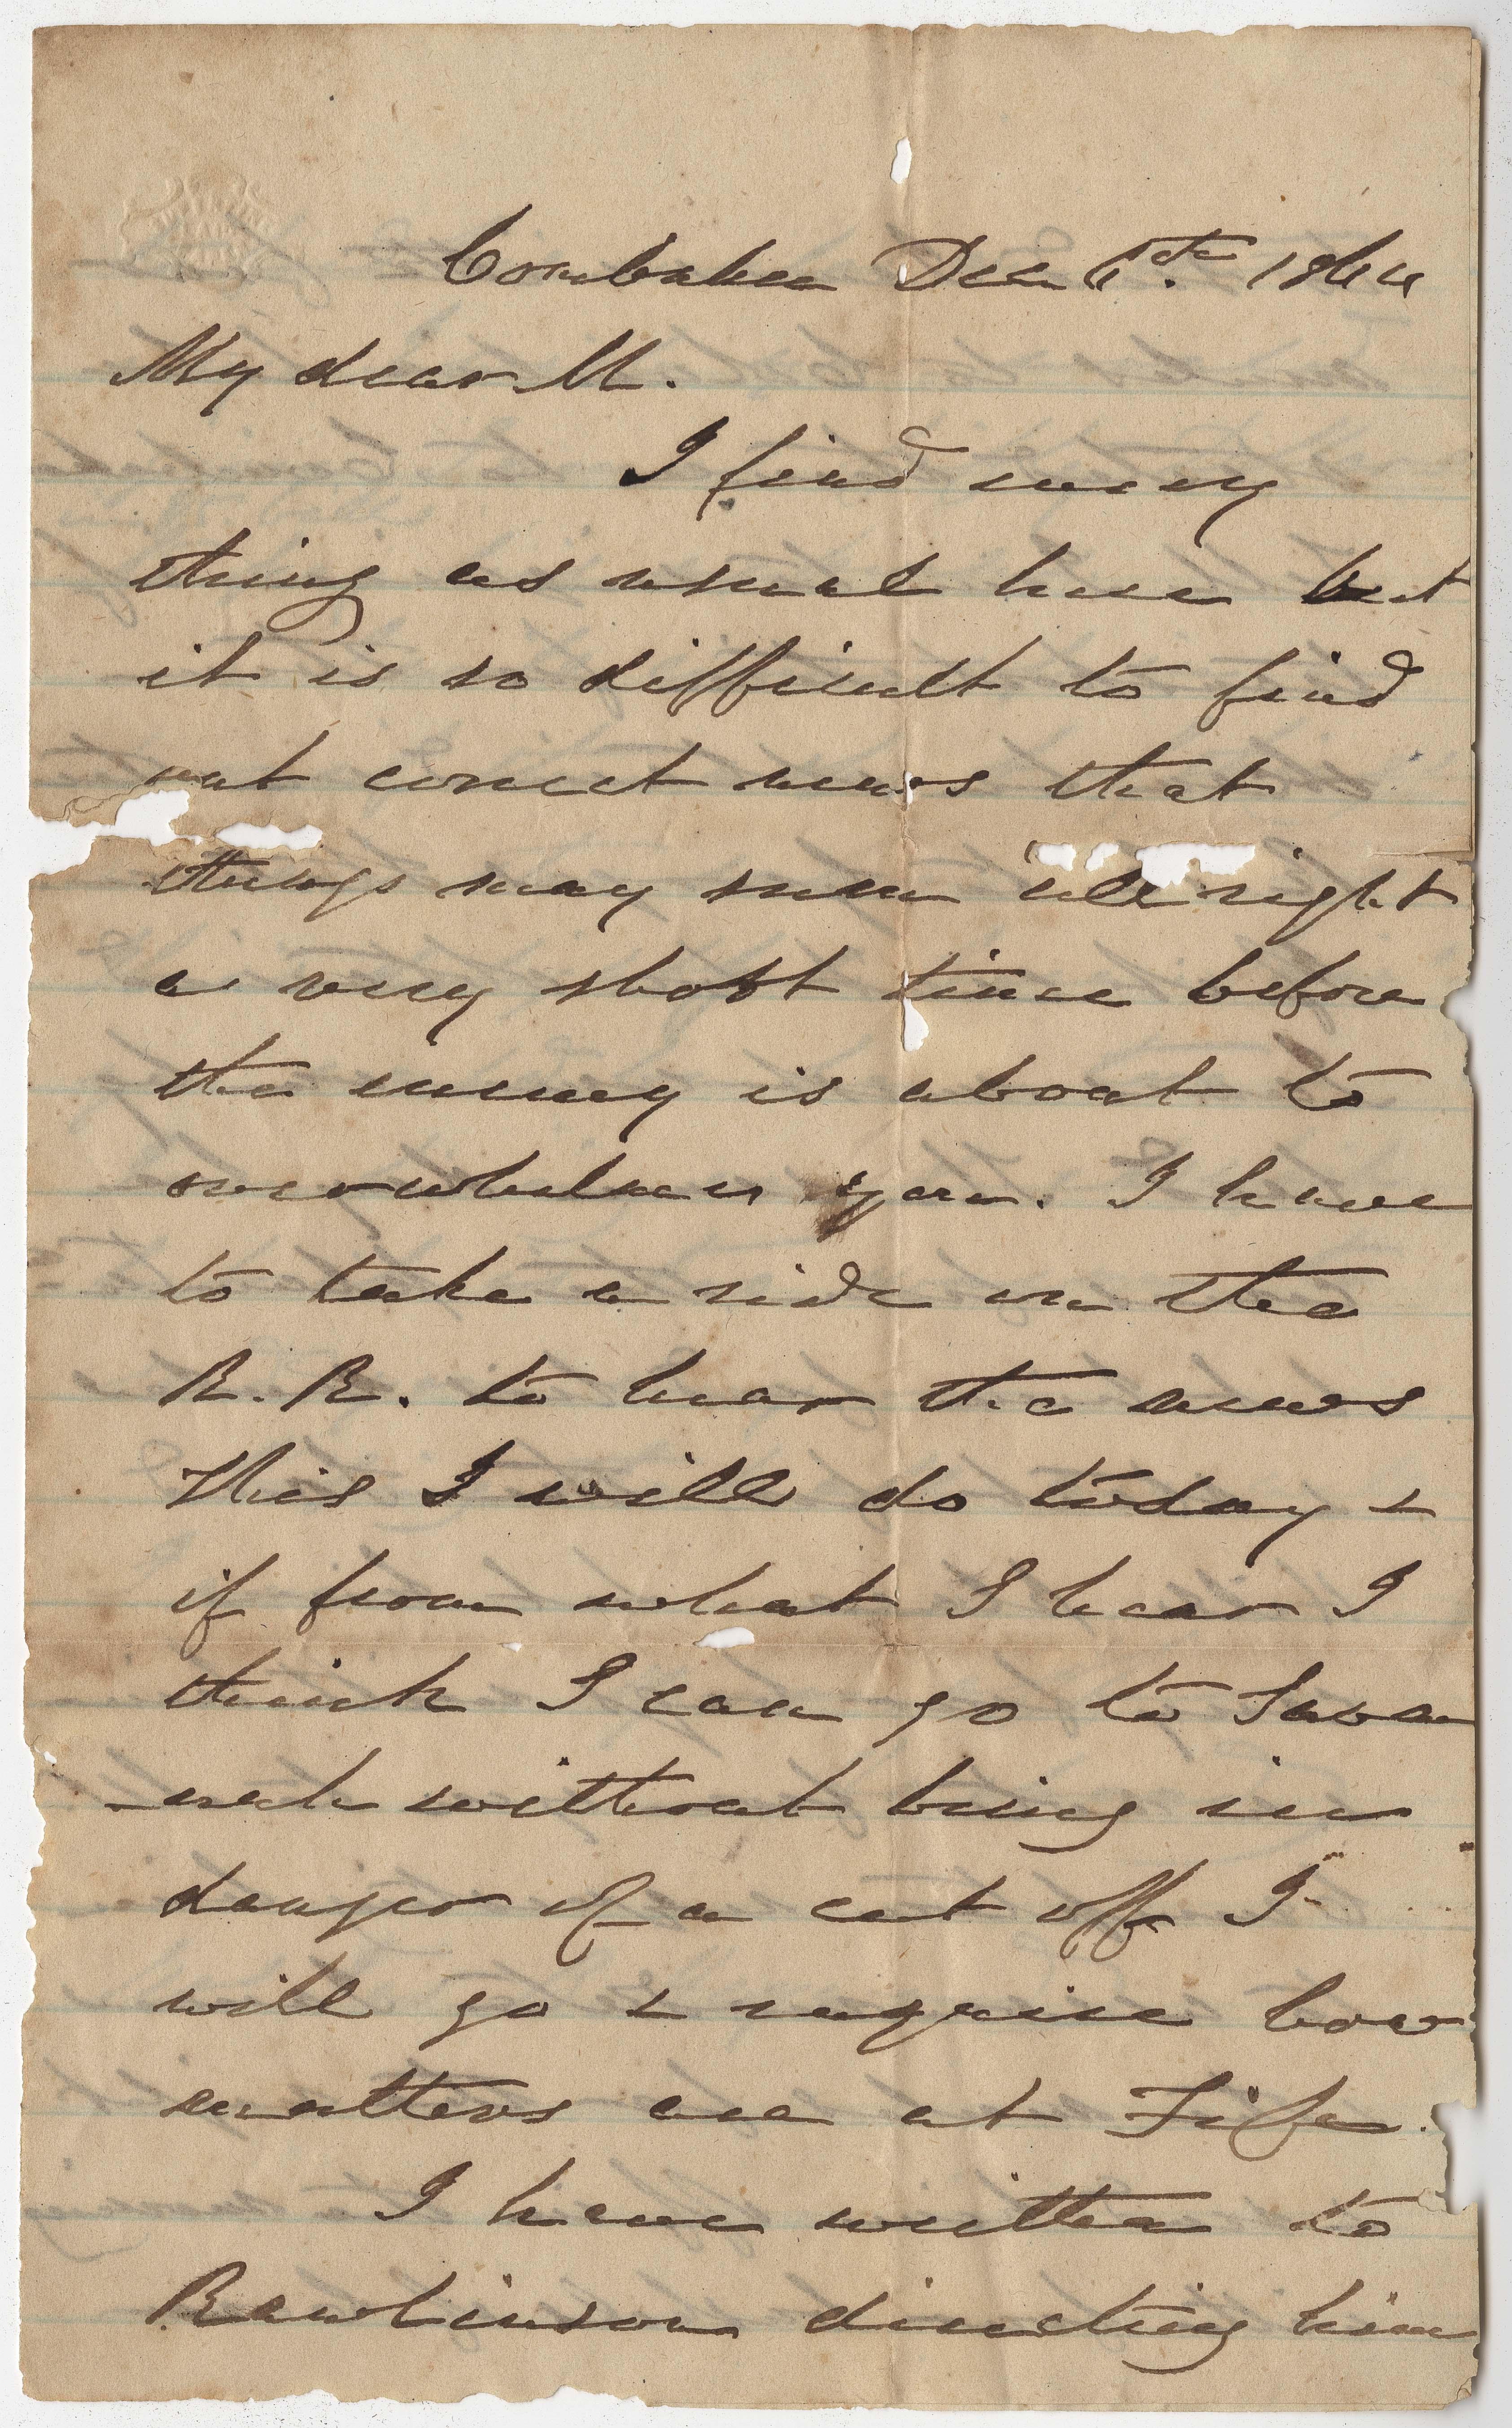 223. James B. Heyward to Maria Heyward -- December 6, 1864